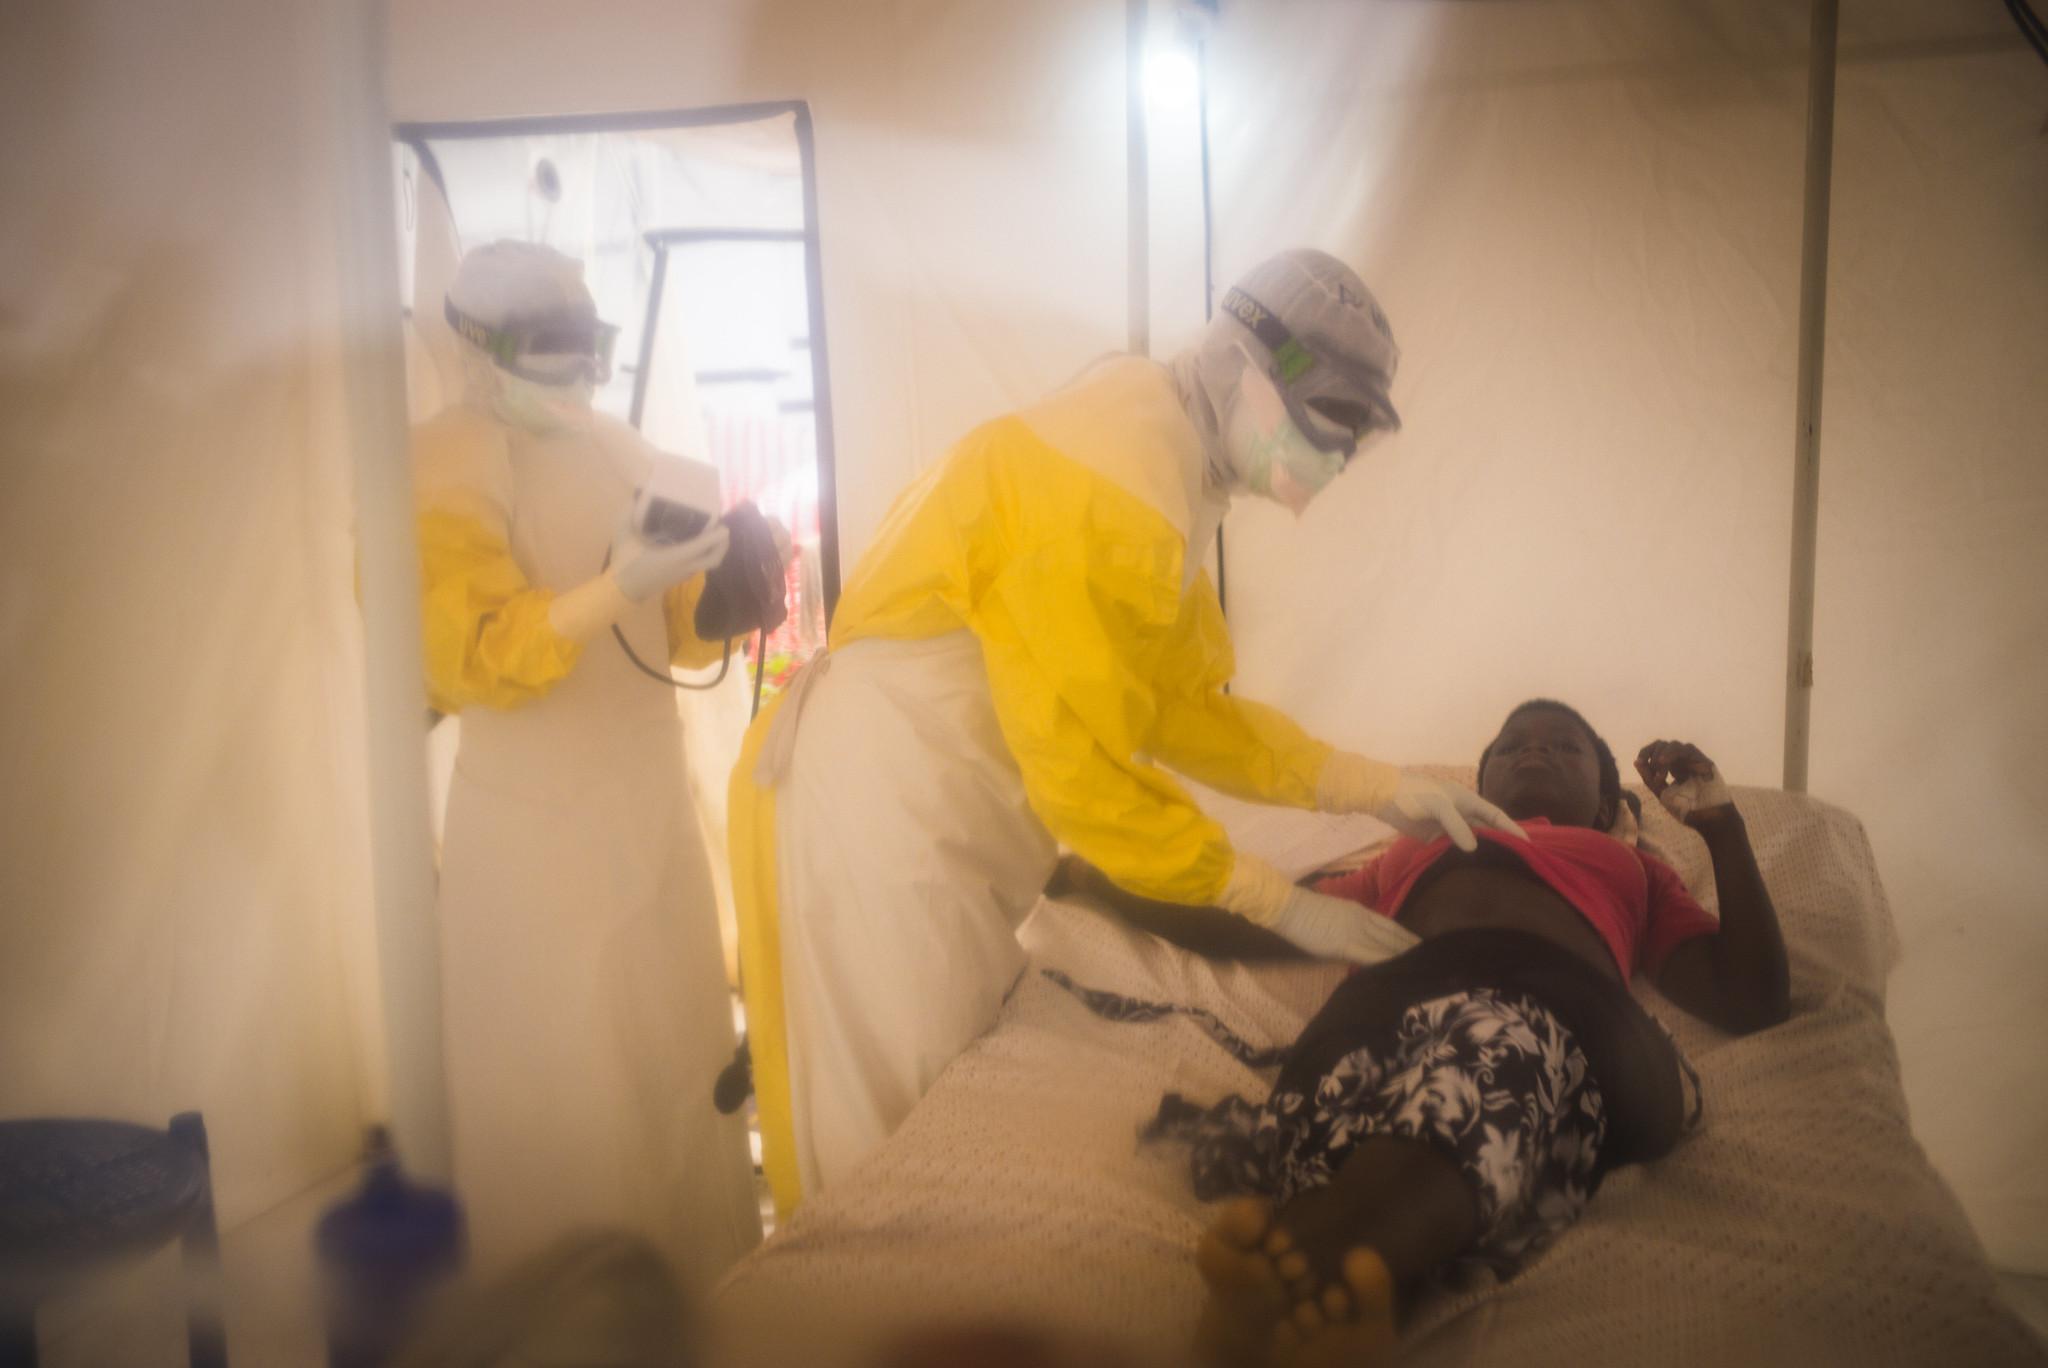 今年一月,一名疑似感染伊波拉病毒的 15 歲剛果男孩正在接受治療。 圖/World Bank / Vincent Tremeau (CC BY-NC-ND 2.0)